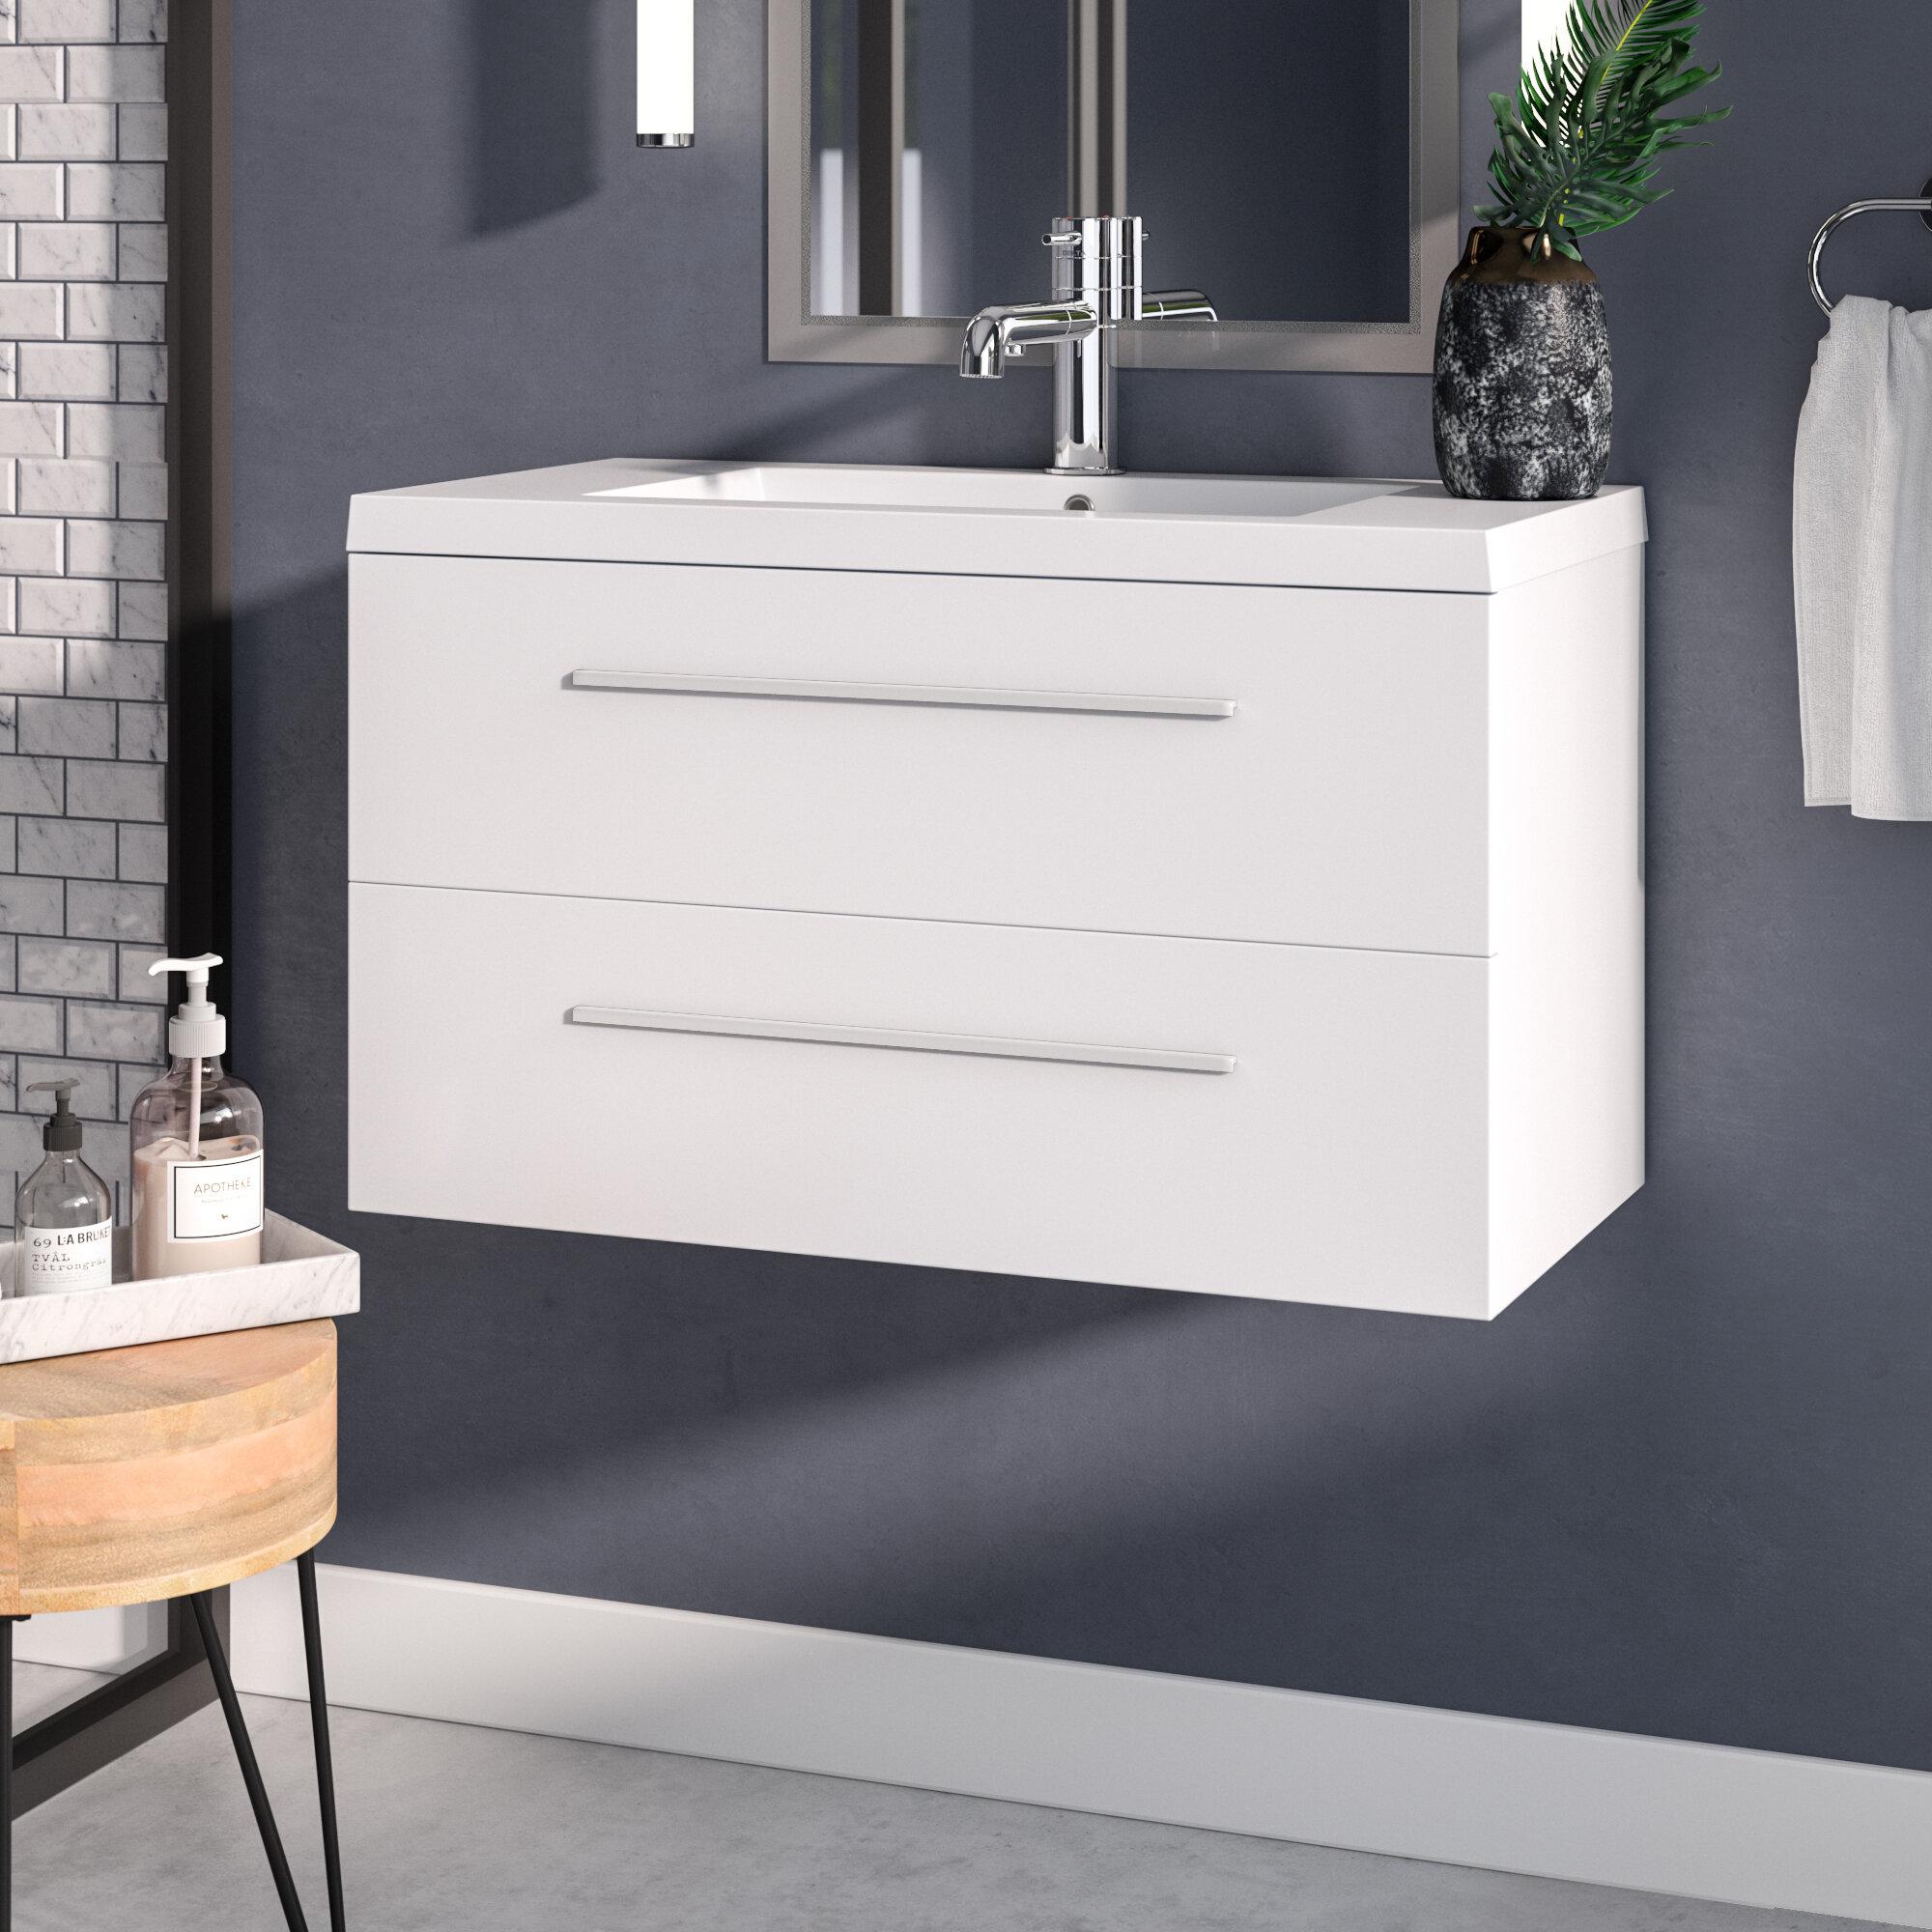 Orren Ellis Han 36 Wall Mounted Single Bathroom Vanity Set Reviews Wayfair